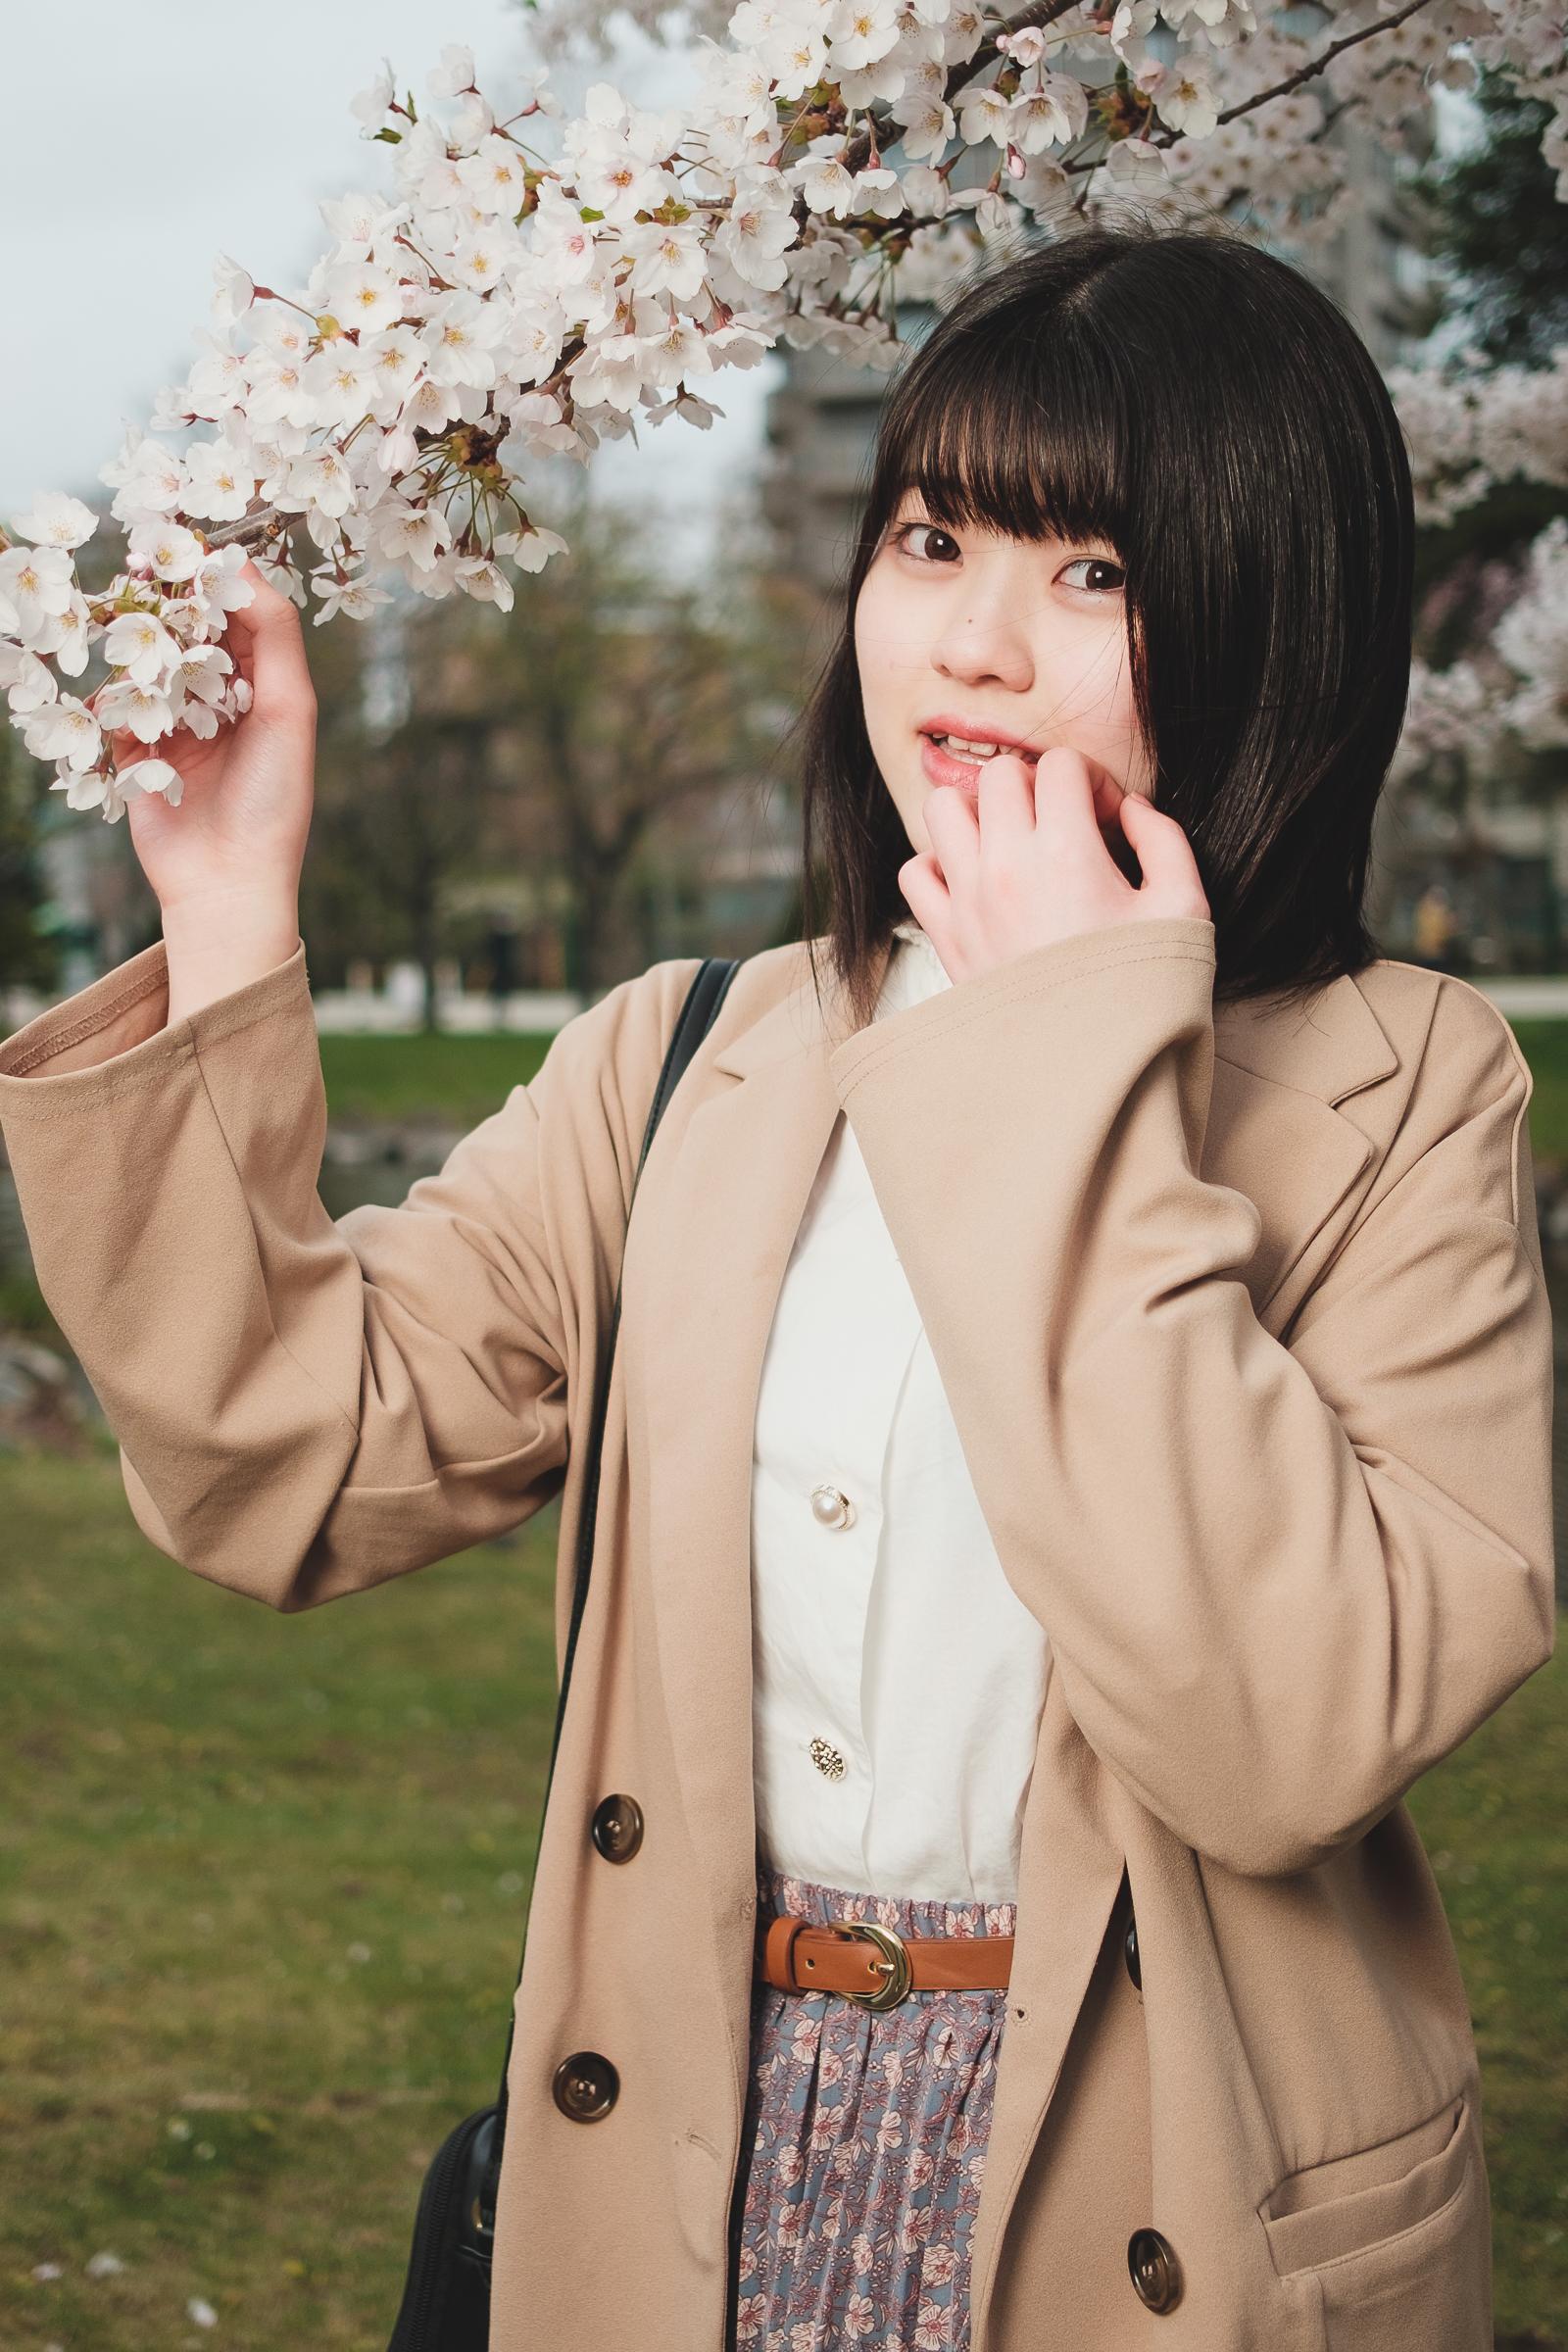 ぺろぺろきゃんでぃ ひめり ( 渡辺姫璃 ) | SMP 札幌モデルプロ「桜」撮影会 at 中島公園